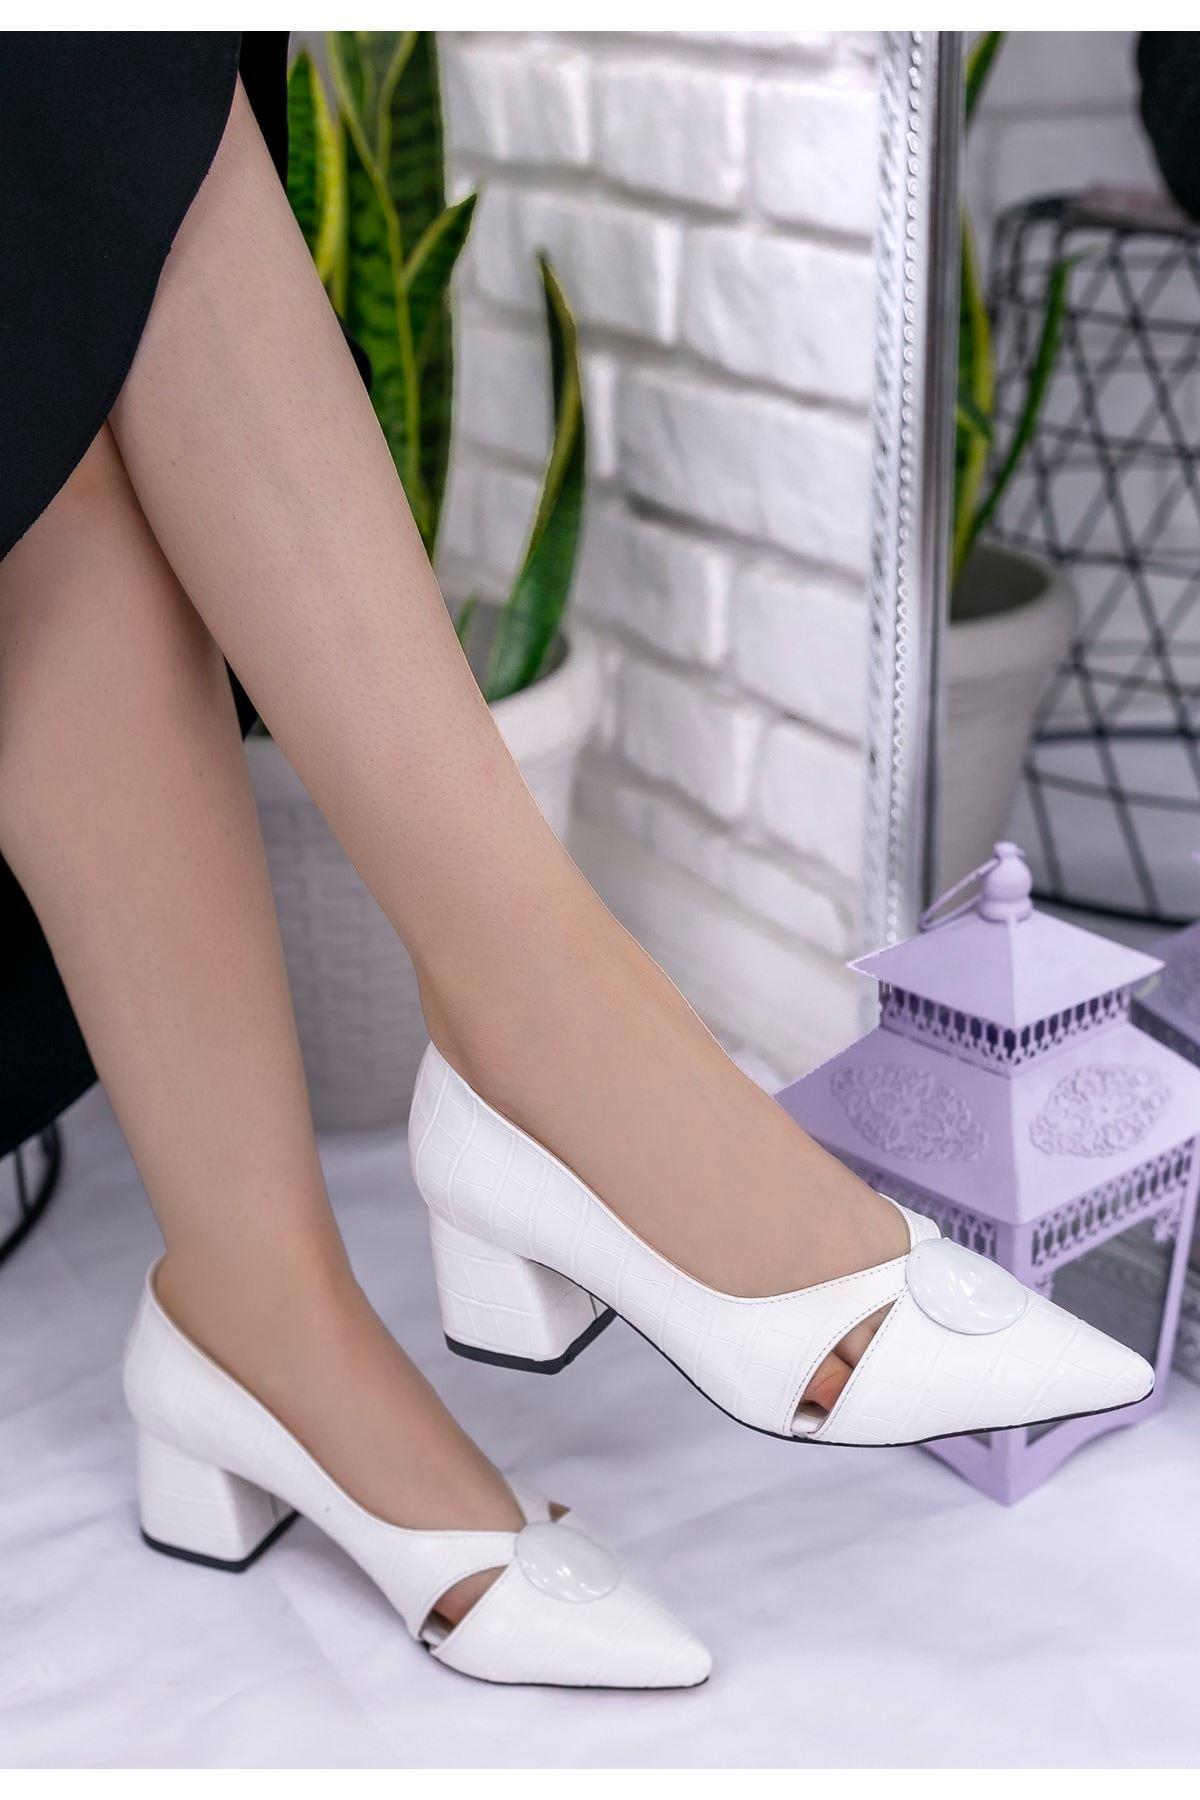 Melvi Beyaz Cilt Desenli Topuklu Ayakkabı